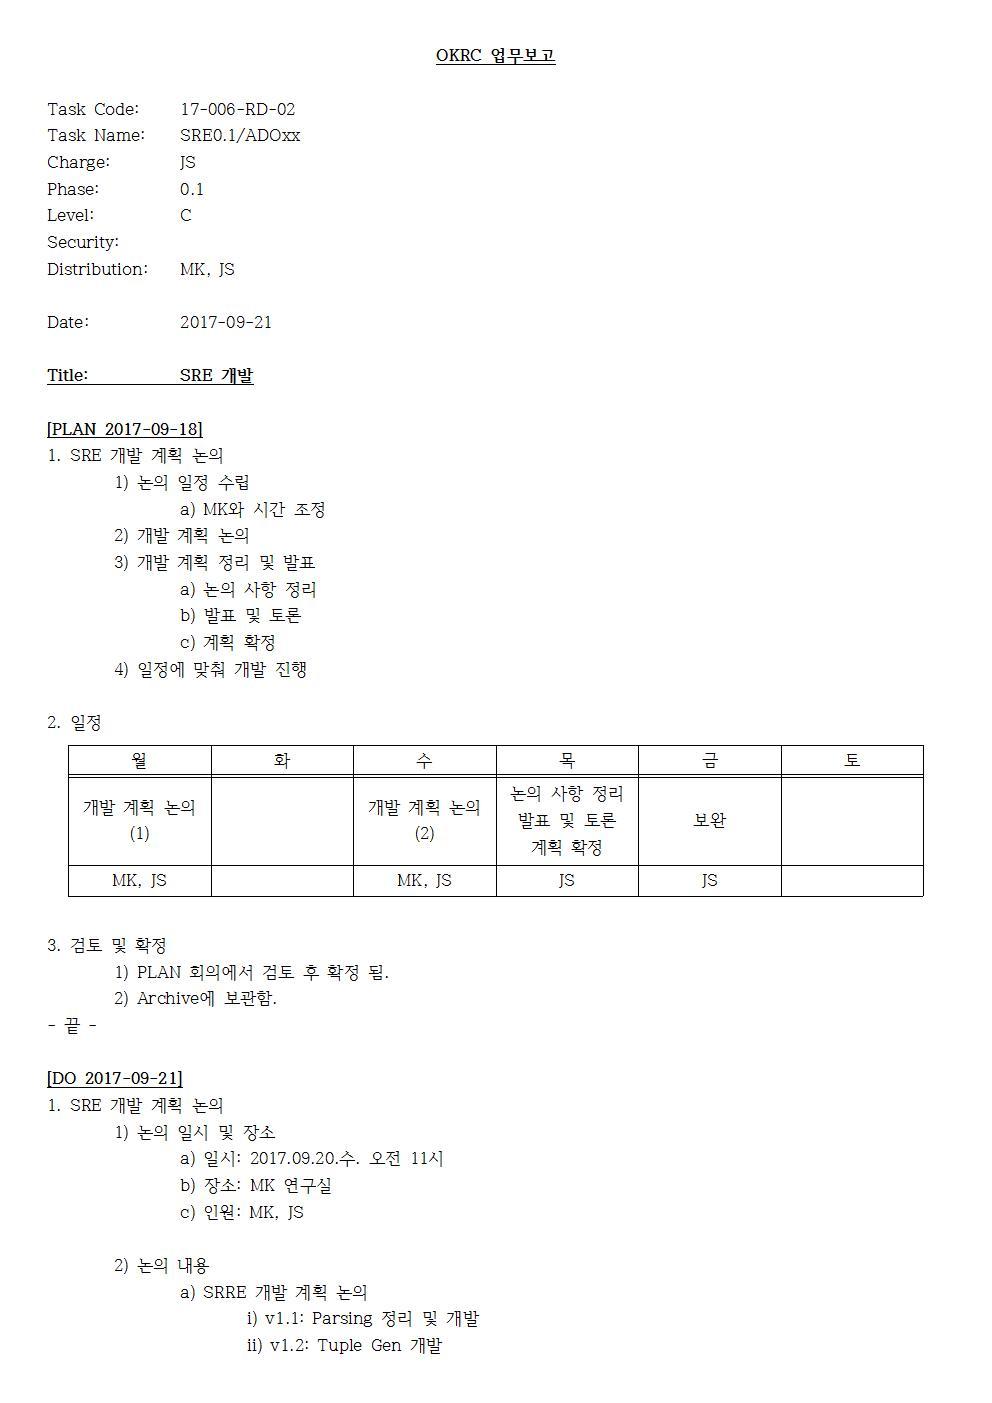 D-[17-006-RD-02]-[SRE01-ADOxx]-[JS]-[2017-09-21]001.jpg